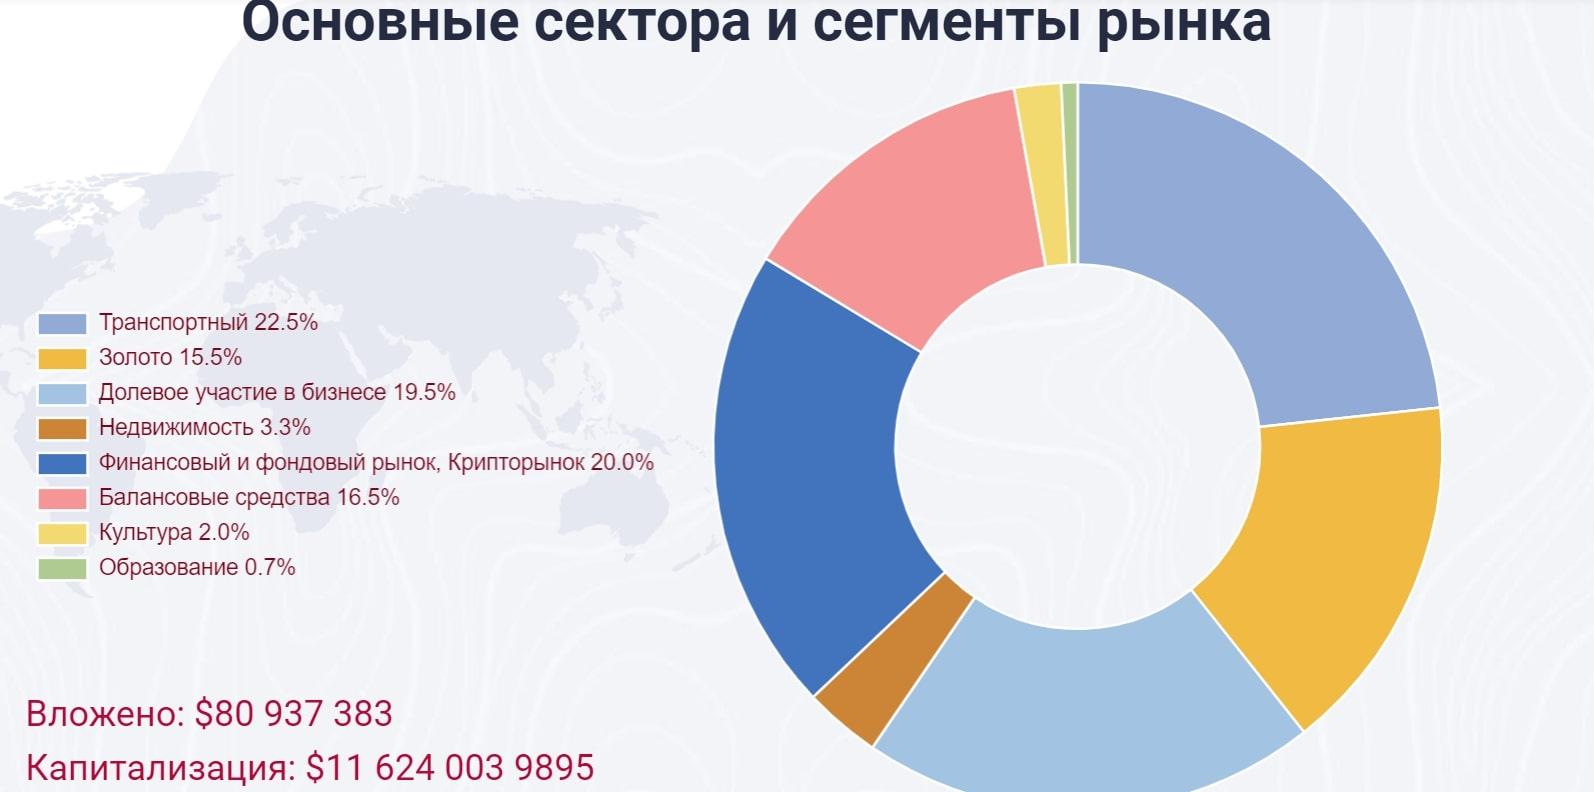 Обзор инвестиционного проекта CryptoUnit, отзывы пользователей